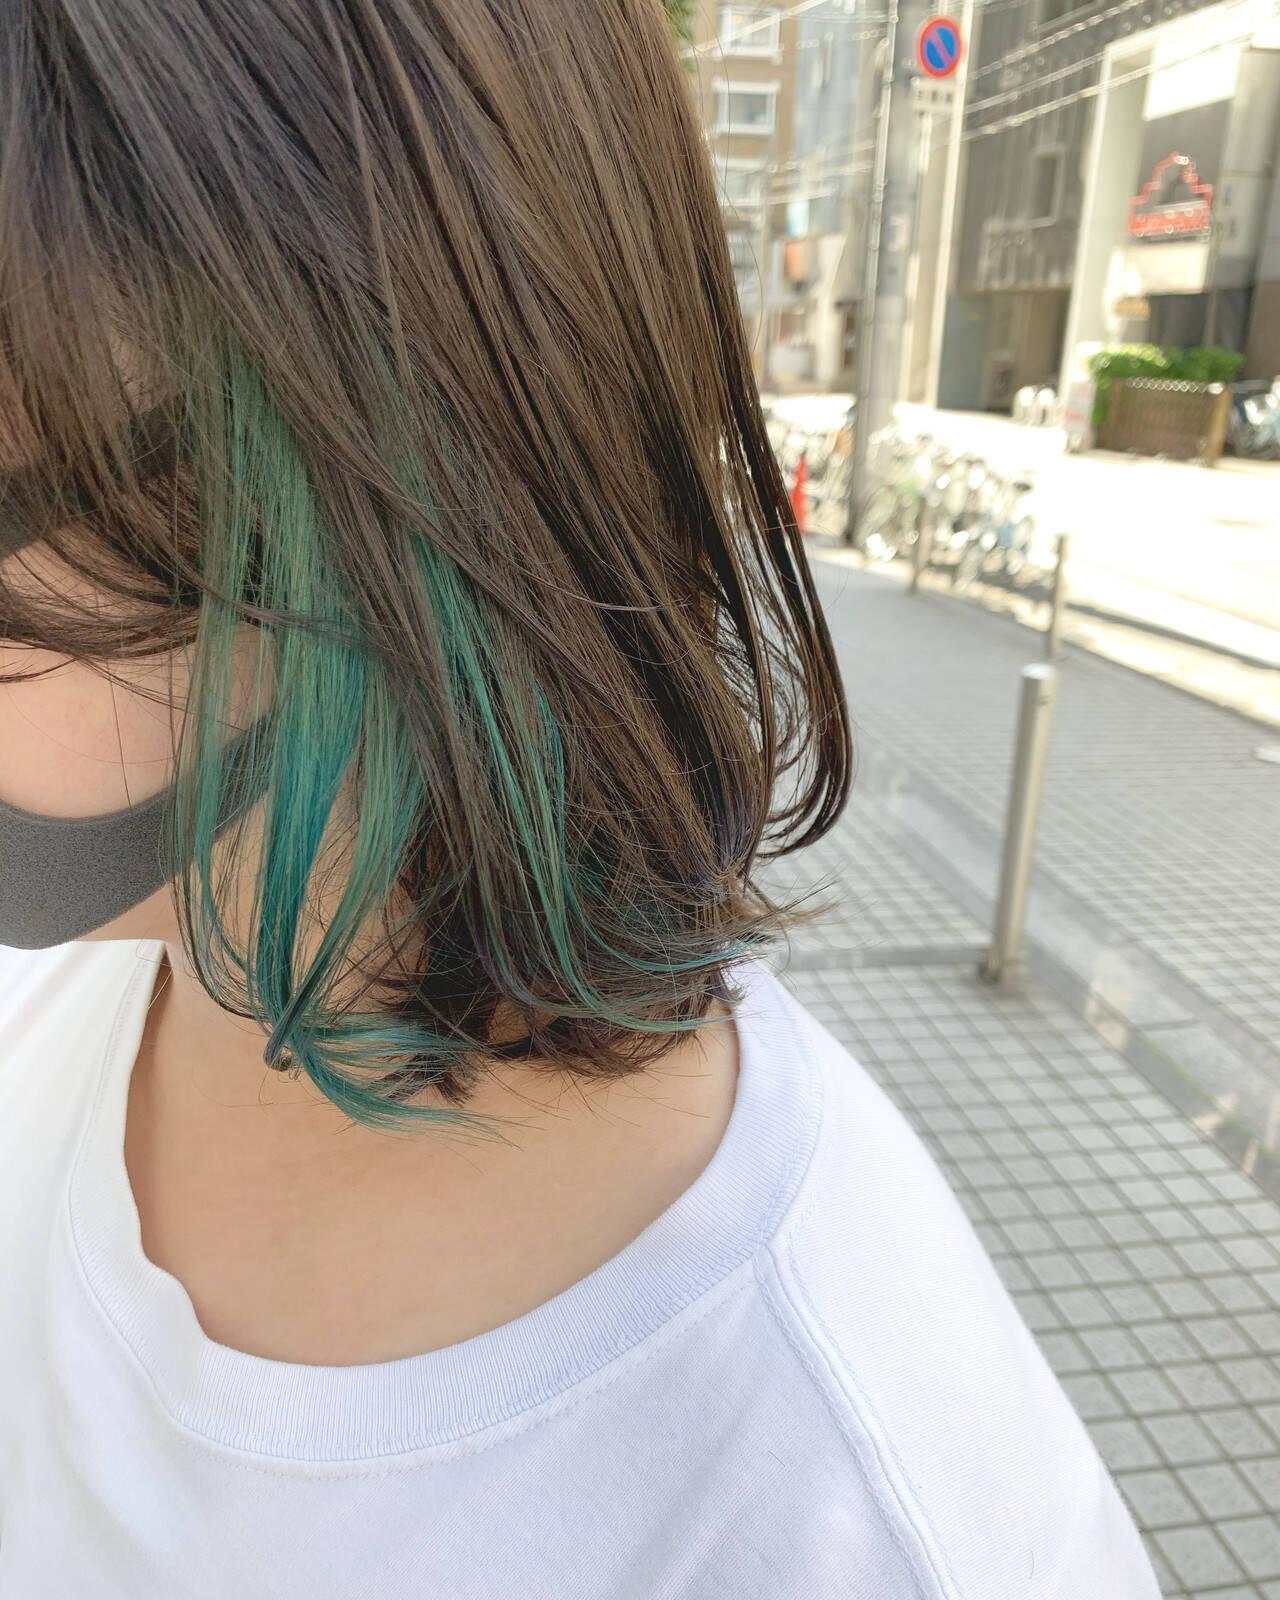 ミディアム グリーン インナーグリーン ポイントカラーヘアスタイルや髪型の写真・画像